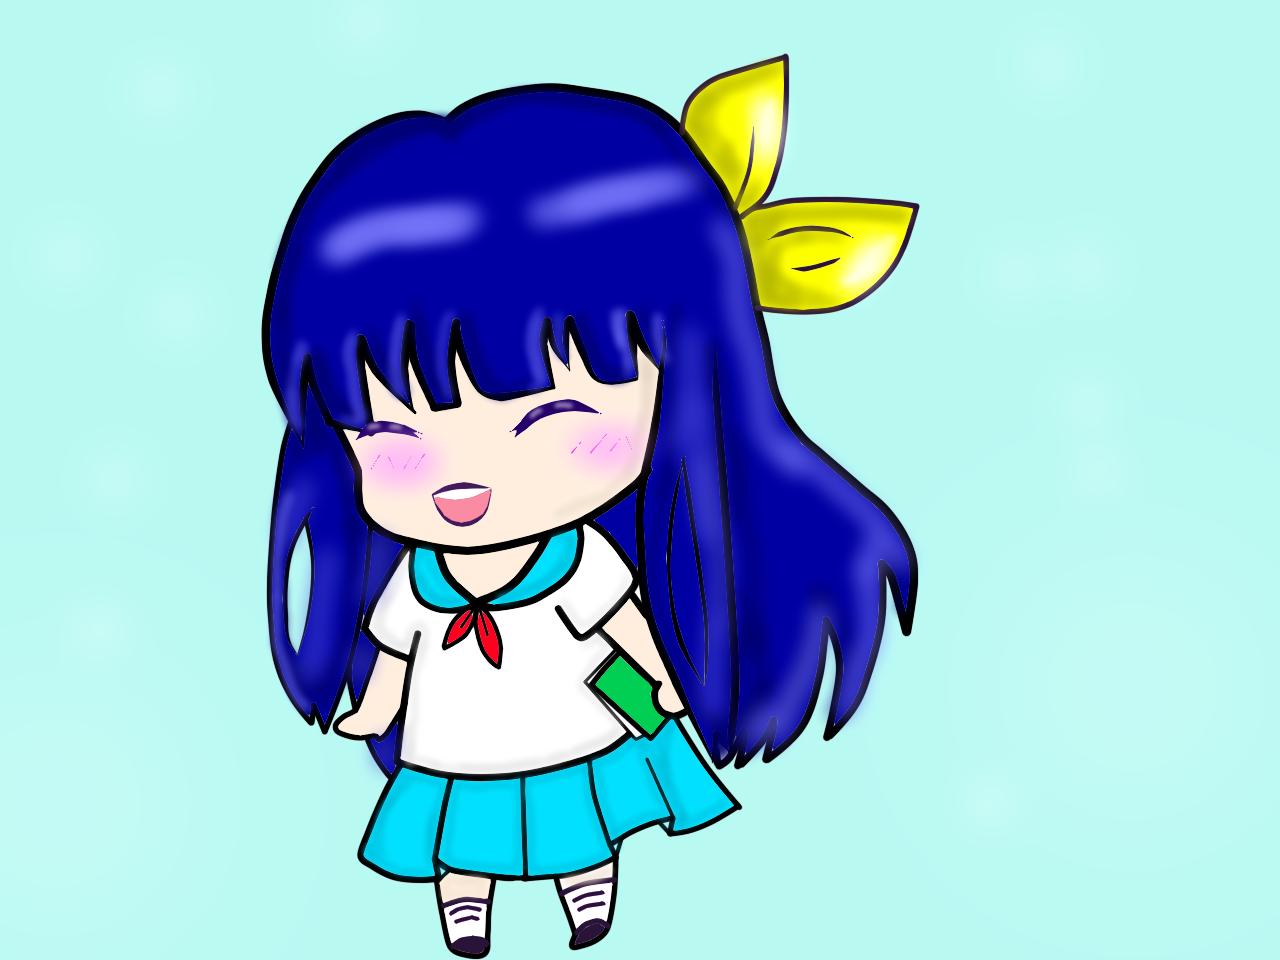 Chibi Girl